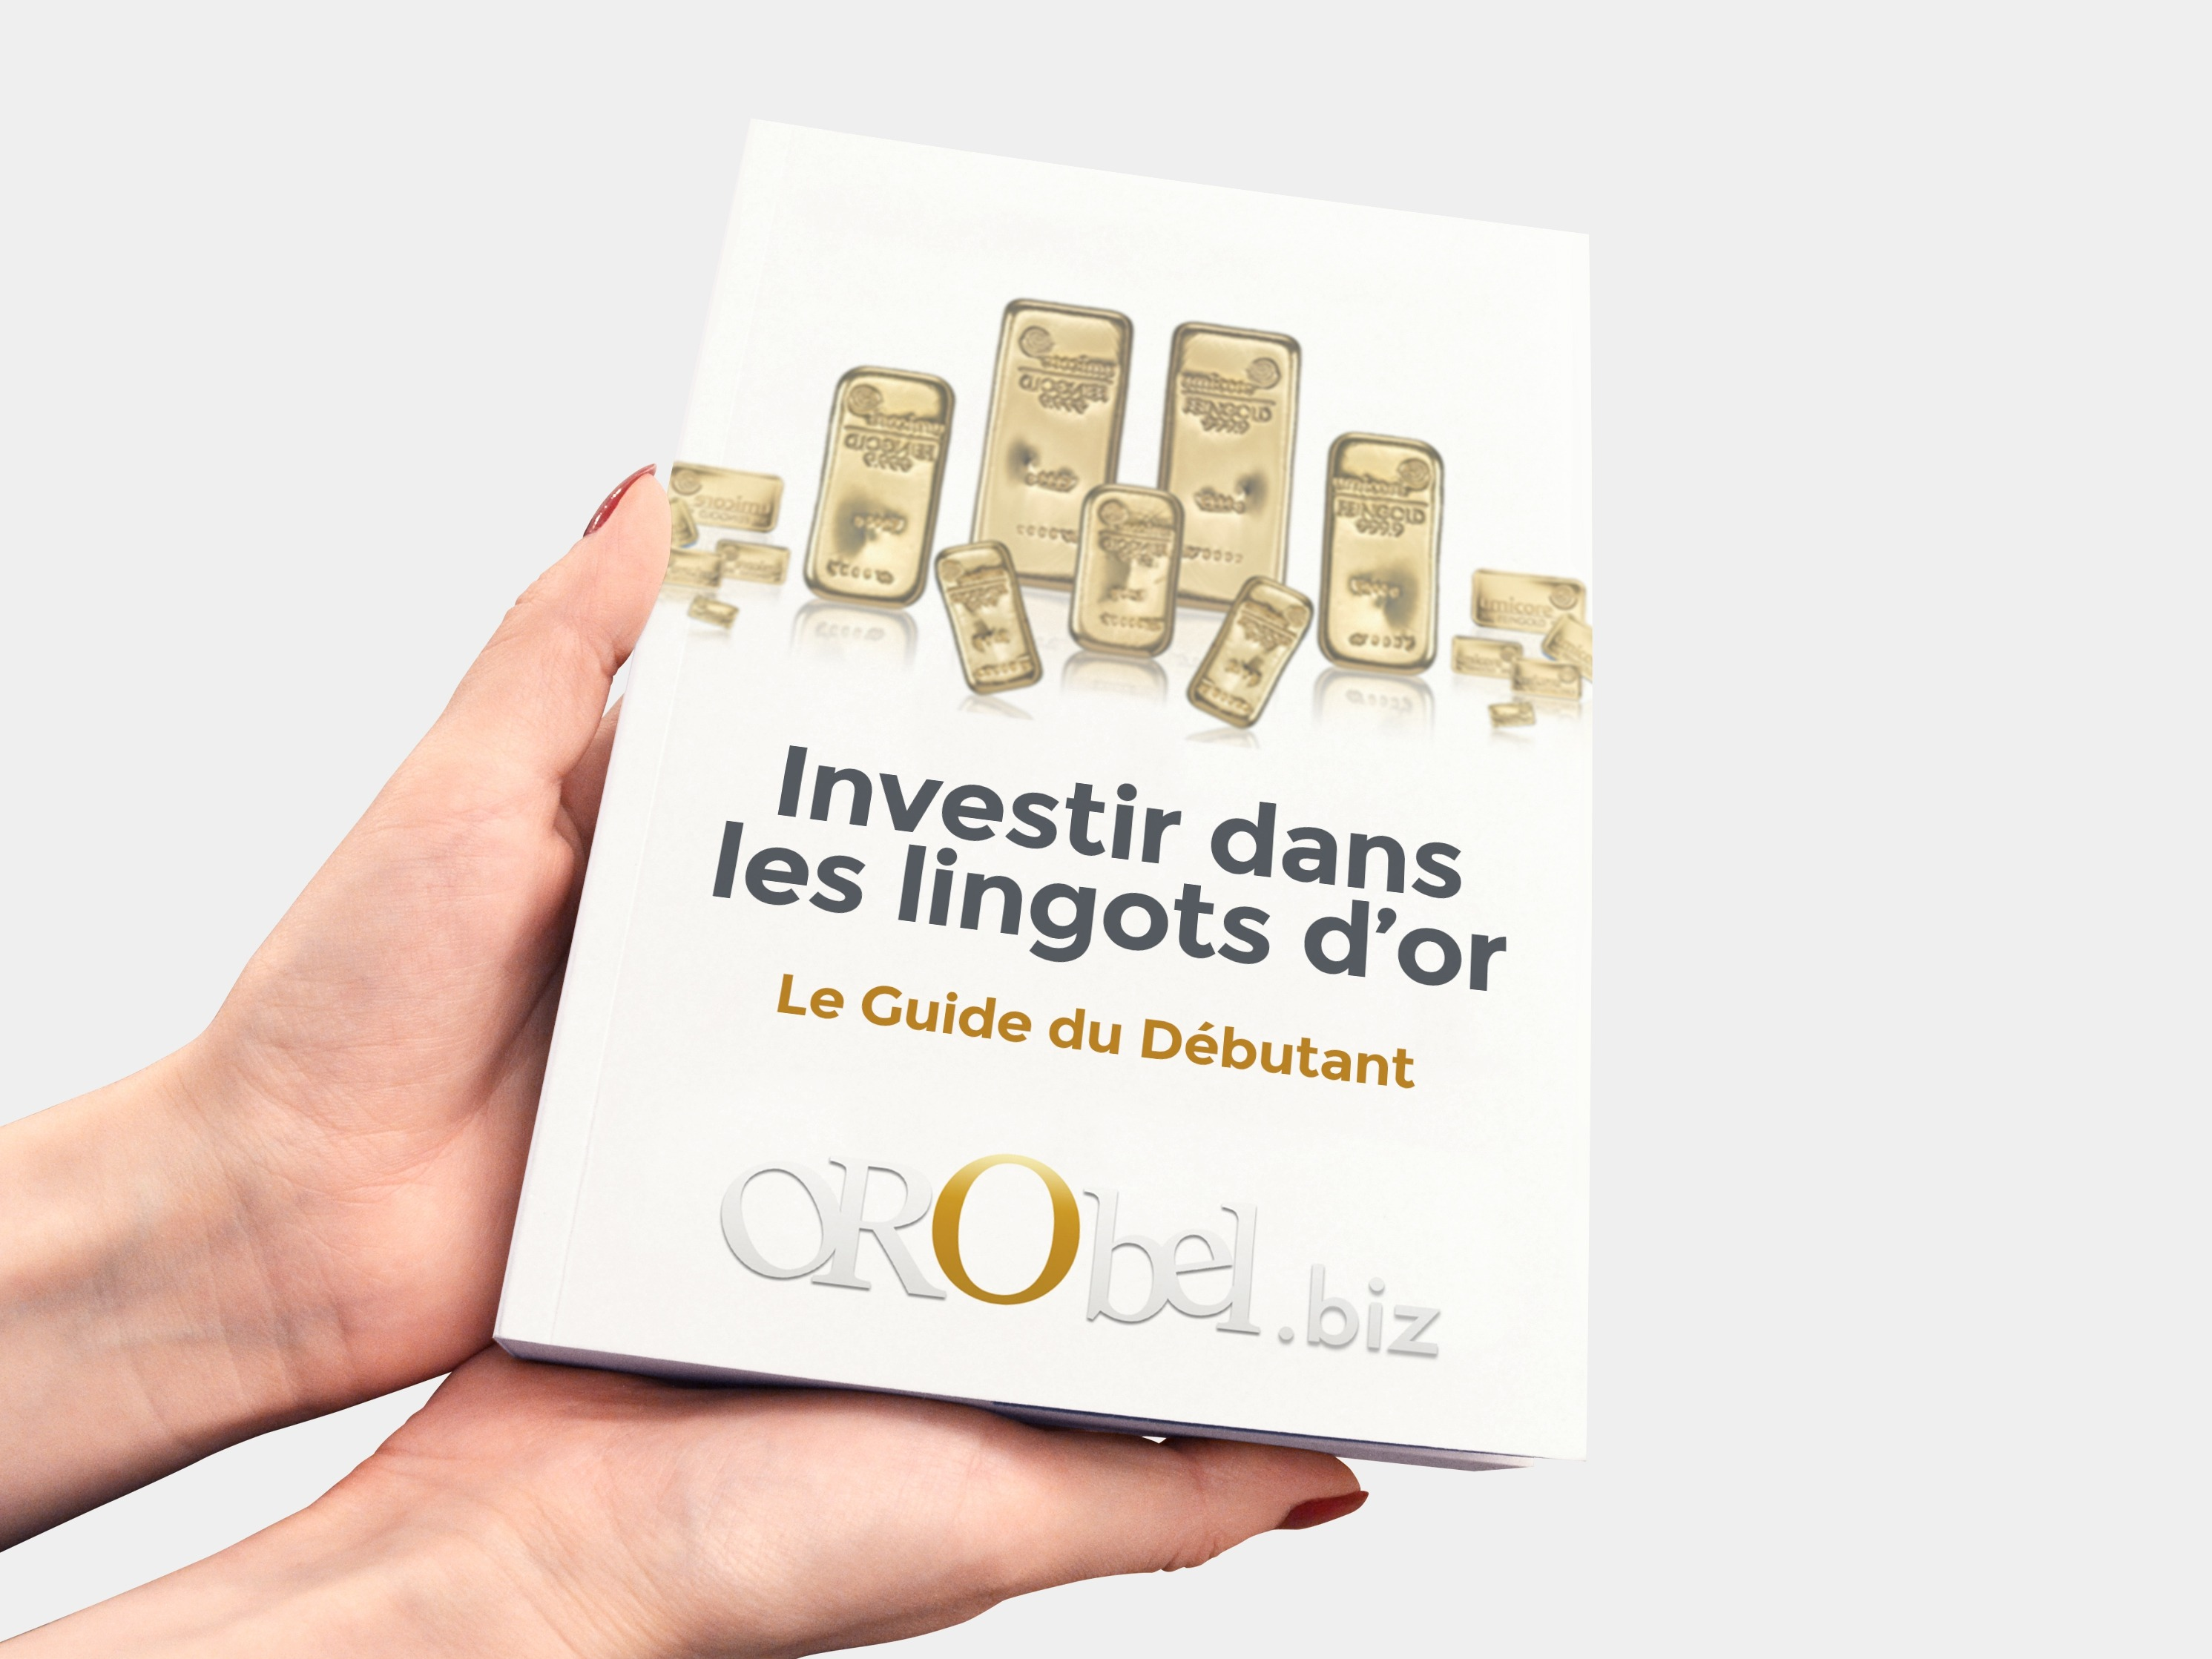 Acheter Et Vendre Des Lingots D Or Le Guide Du Debutant Orobel